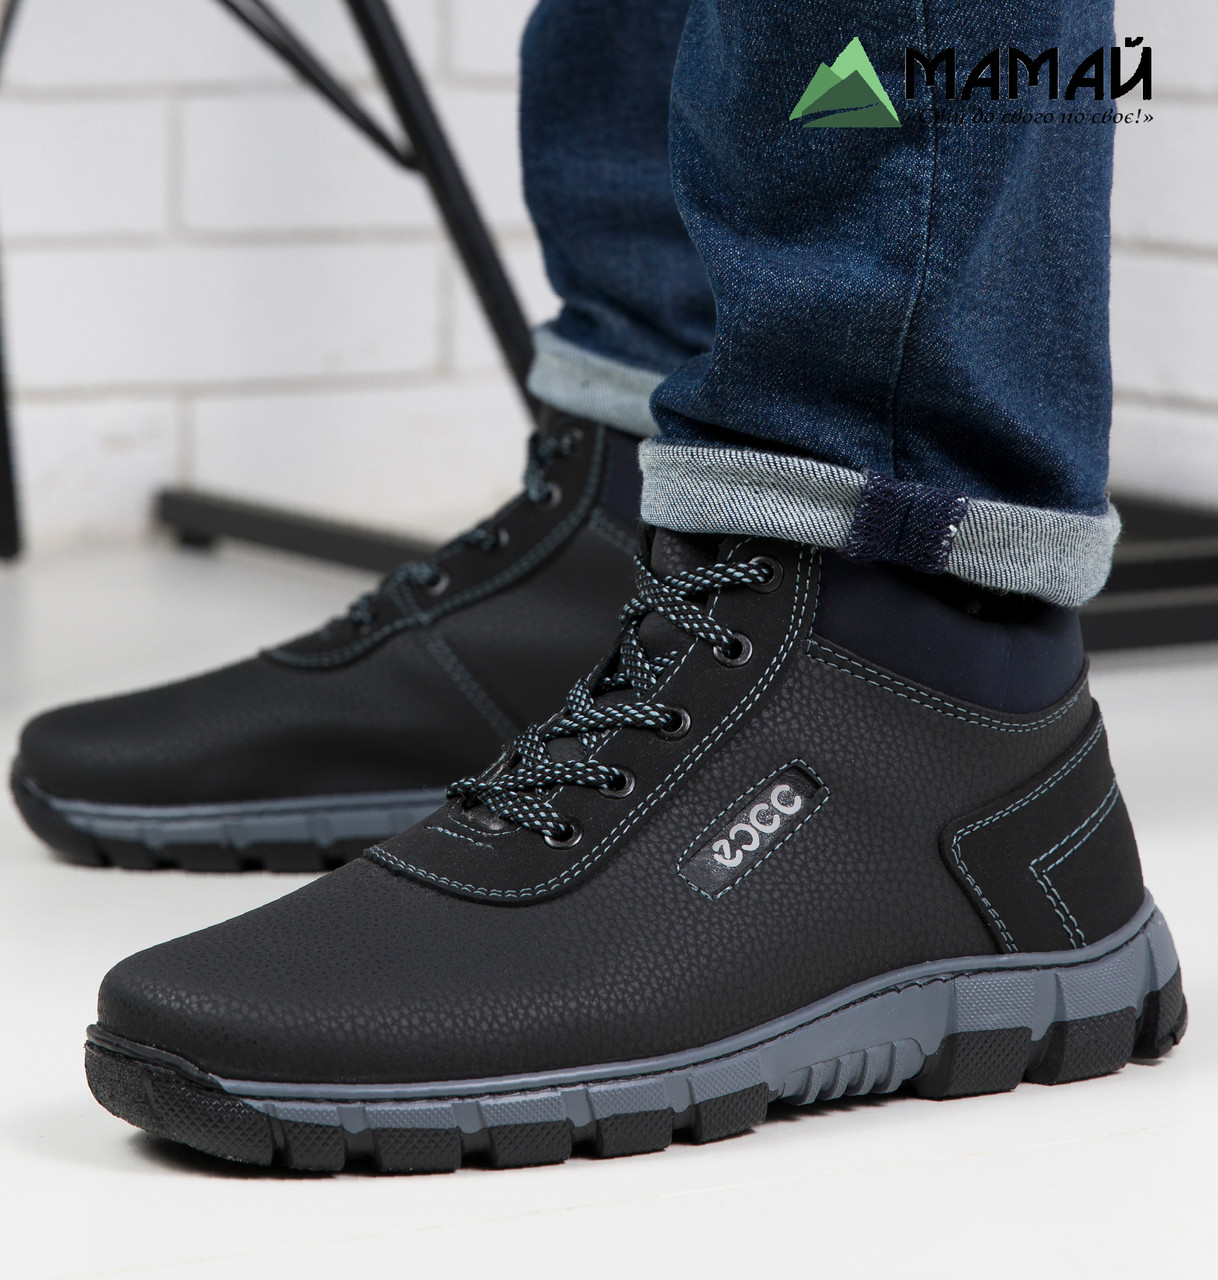 Ботинки мужские высокие -20°C